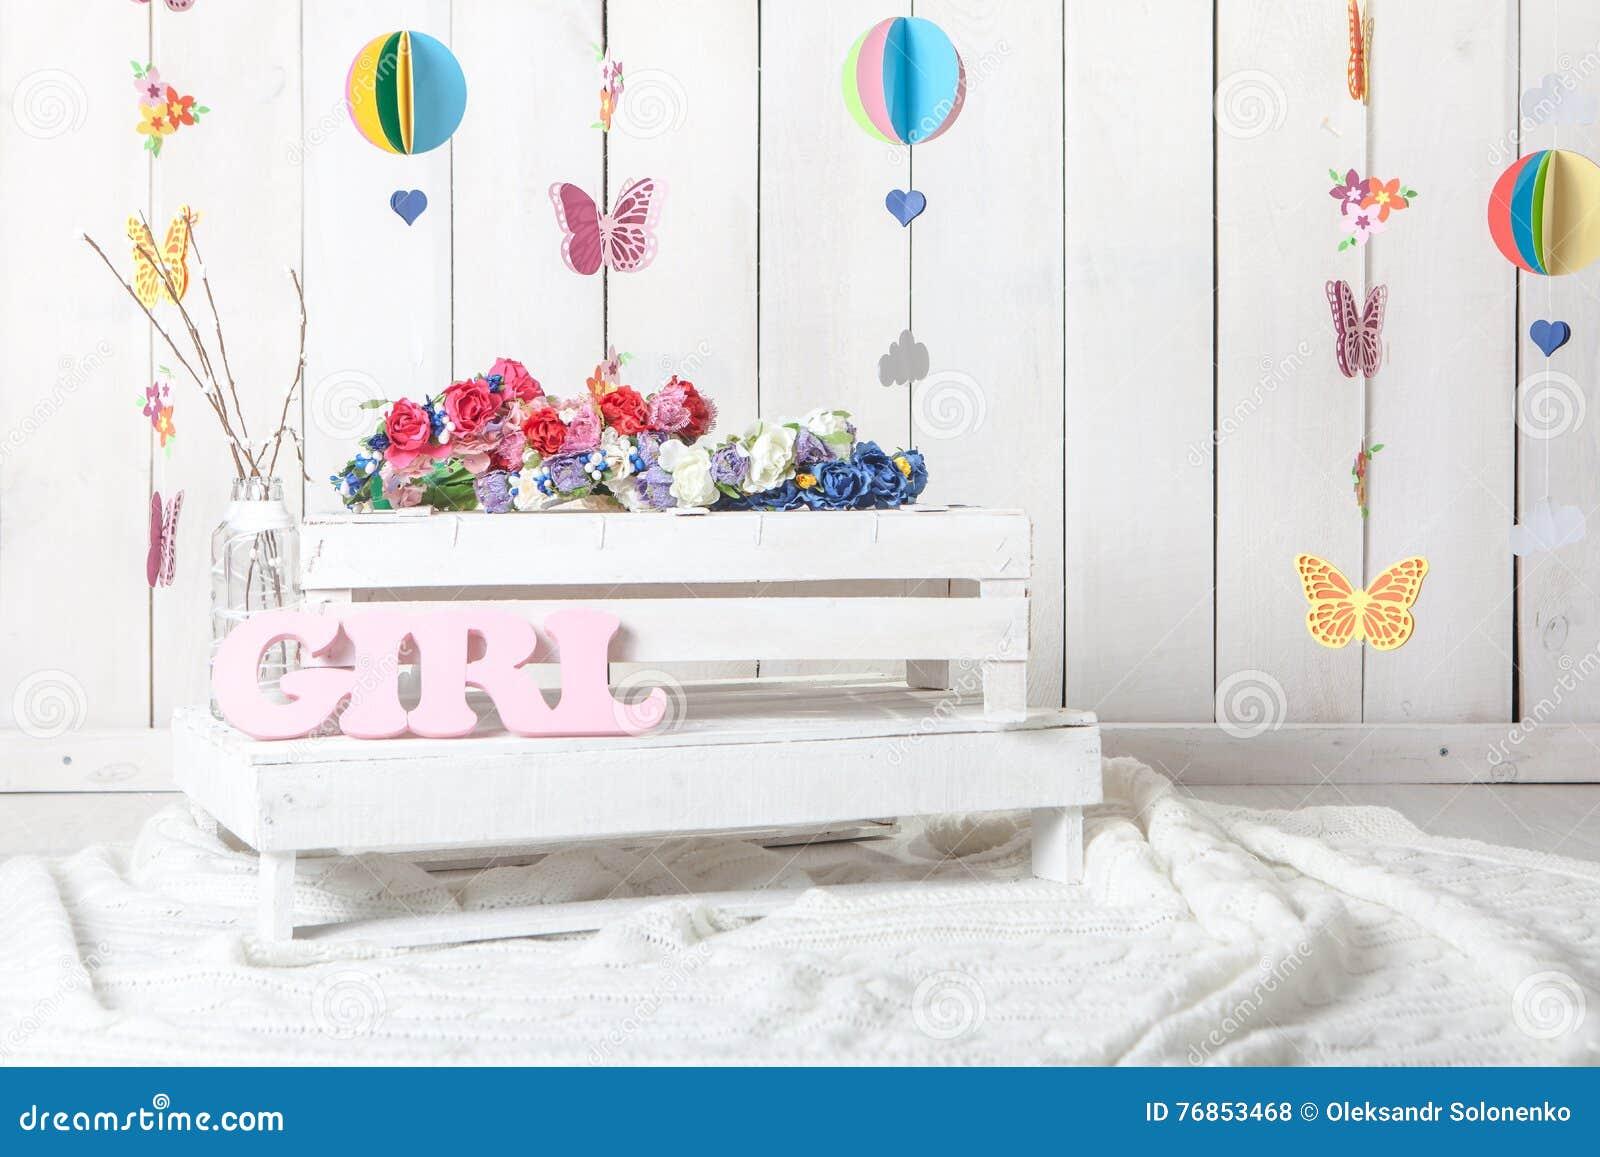 Baby Photography Studio Background Setup Stock Photo